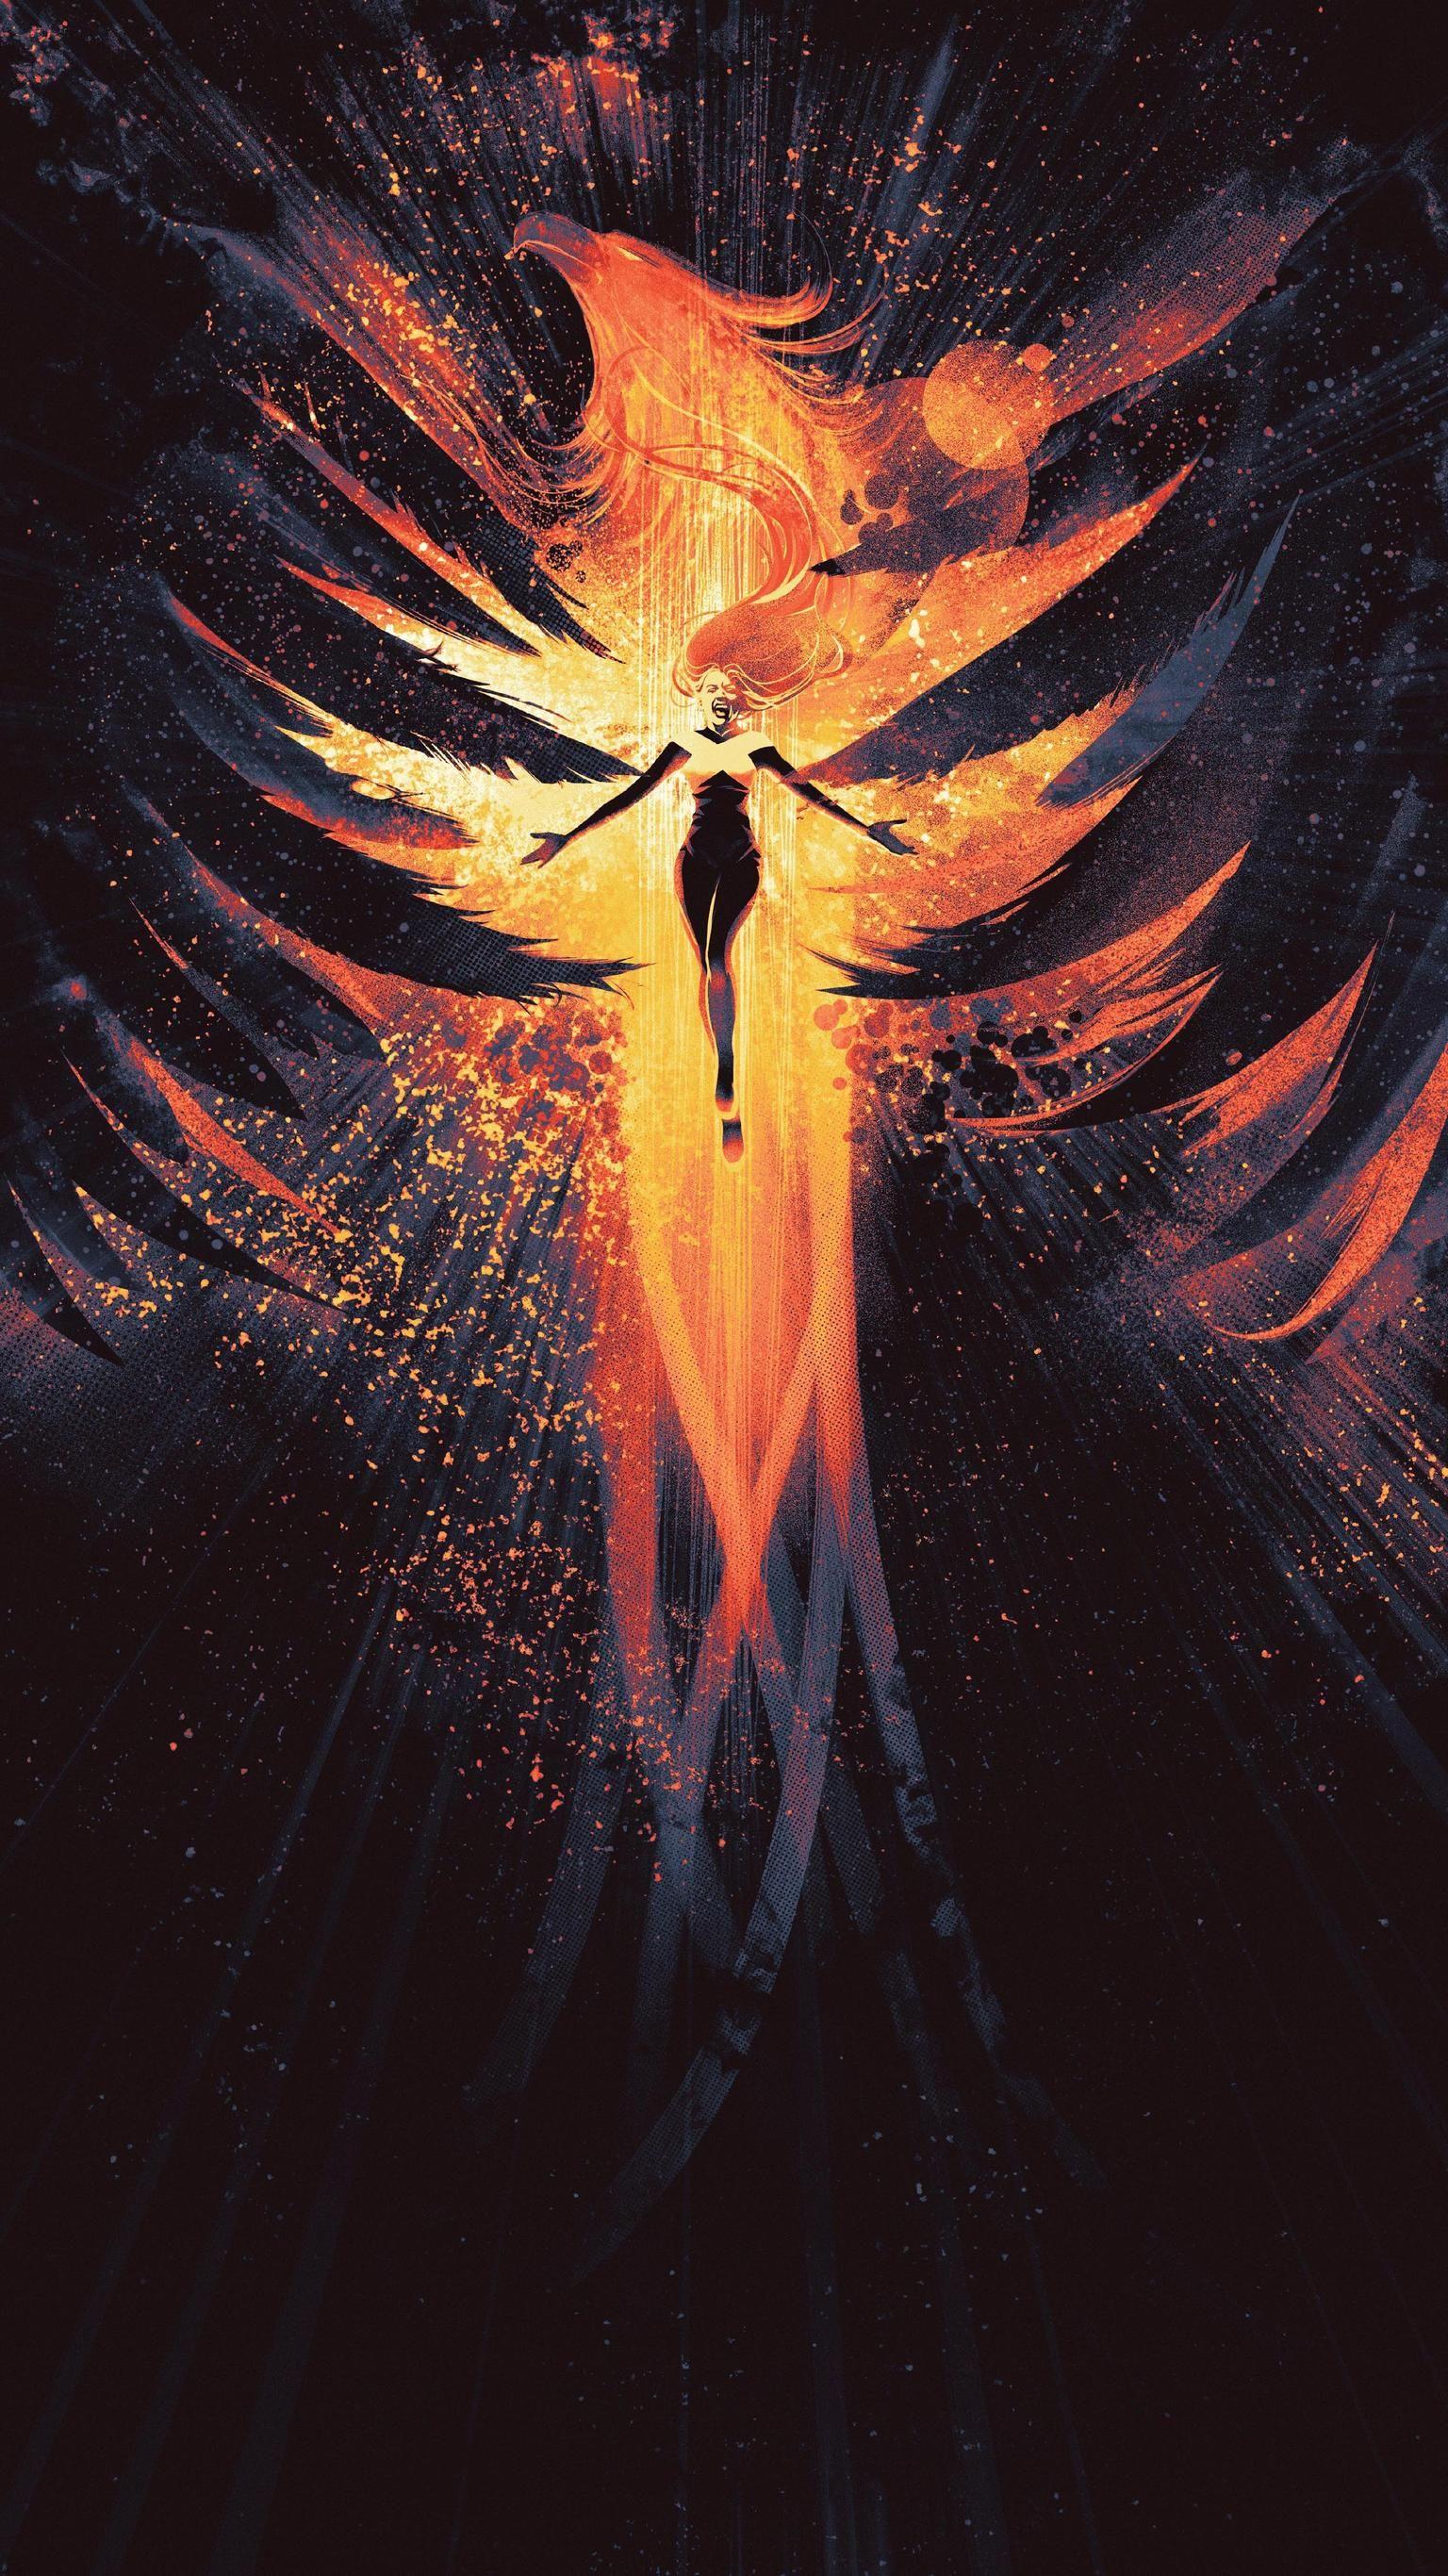 Dark Phoenix 2019 Phone Wallpaper In 2019 Phoenix Marvel